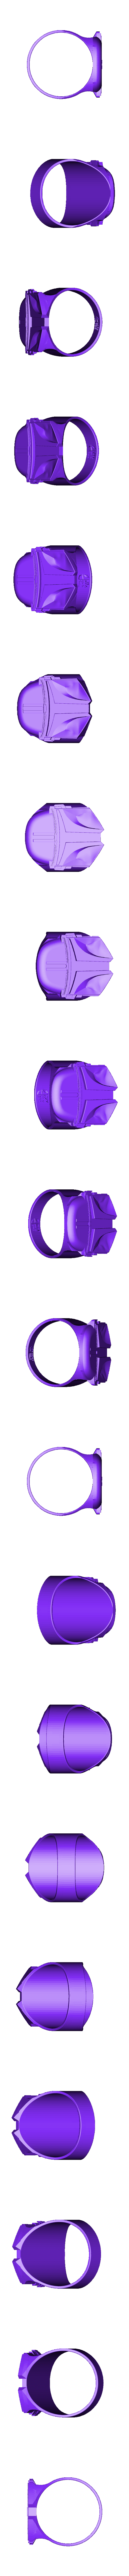 Mandalorian_Ring_18mm.obj Télécharger fichier OBJ gratuit Anneau mandalorien • Modèle imprimable en 3D, quaddalone